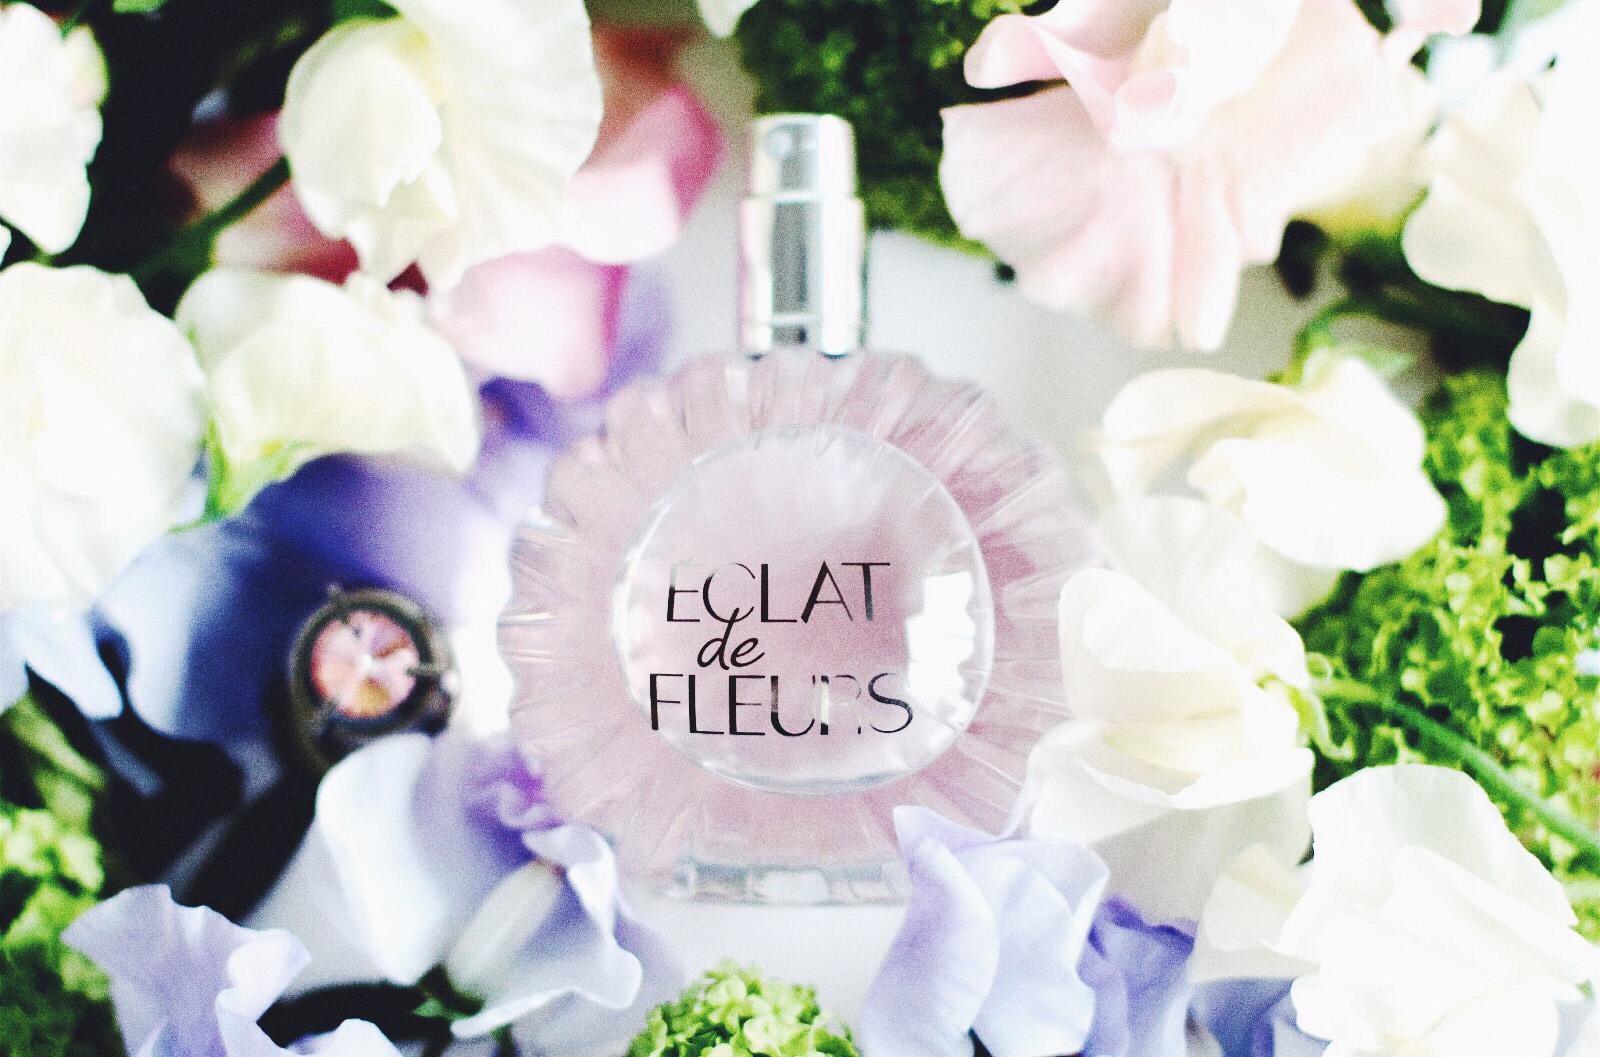 lanvin eclat des fleurs eau de toilette parfum avis test